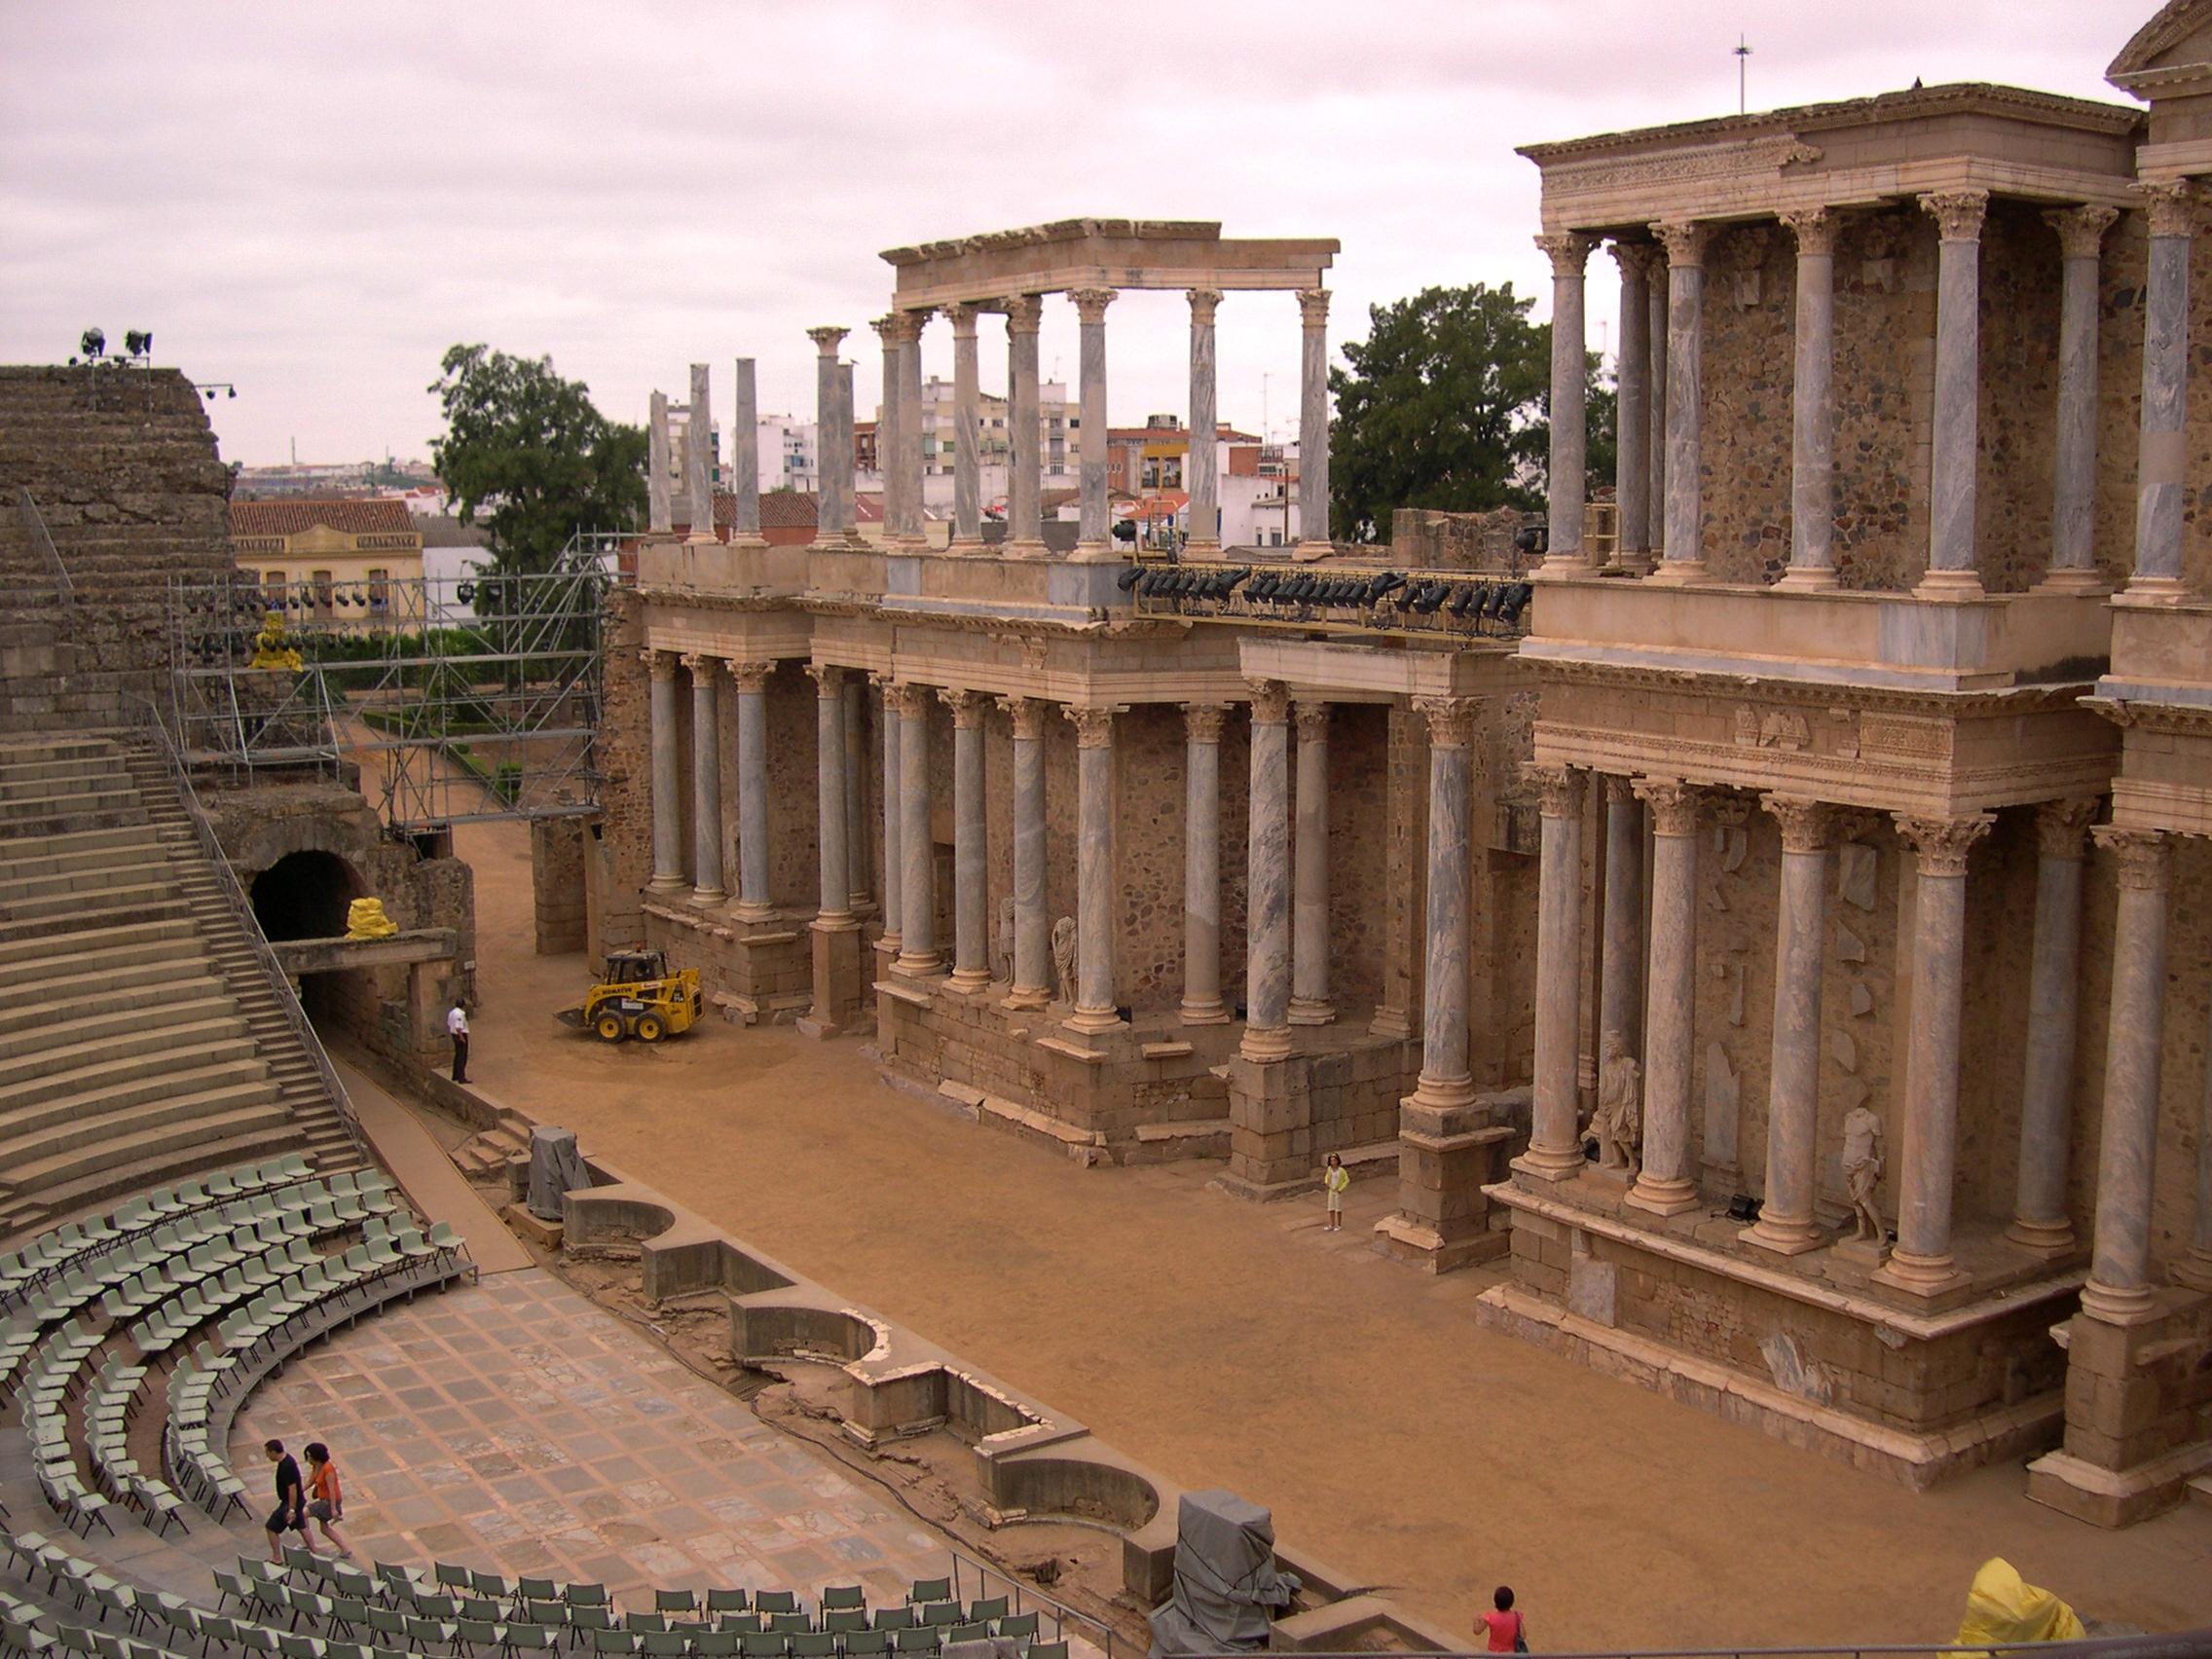 File:Teatro Romano de Mérida (Badajoz, España) 01.jpg - Wikimedia Commons